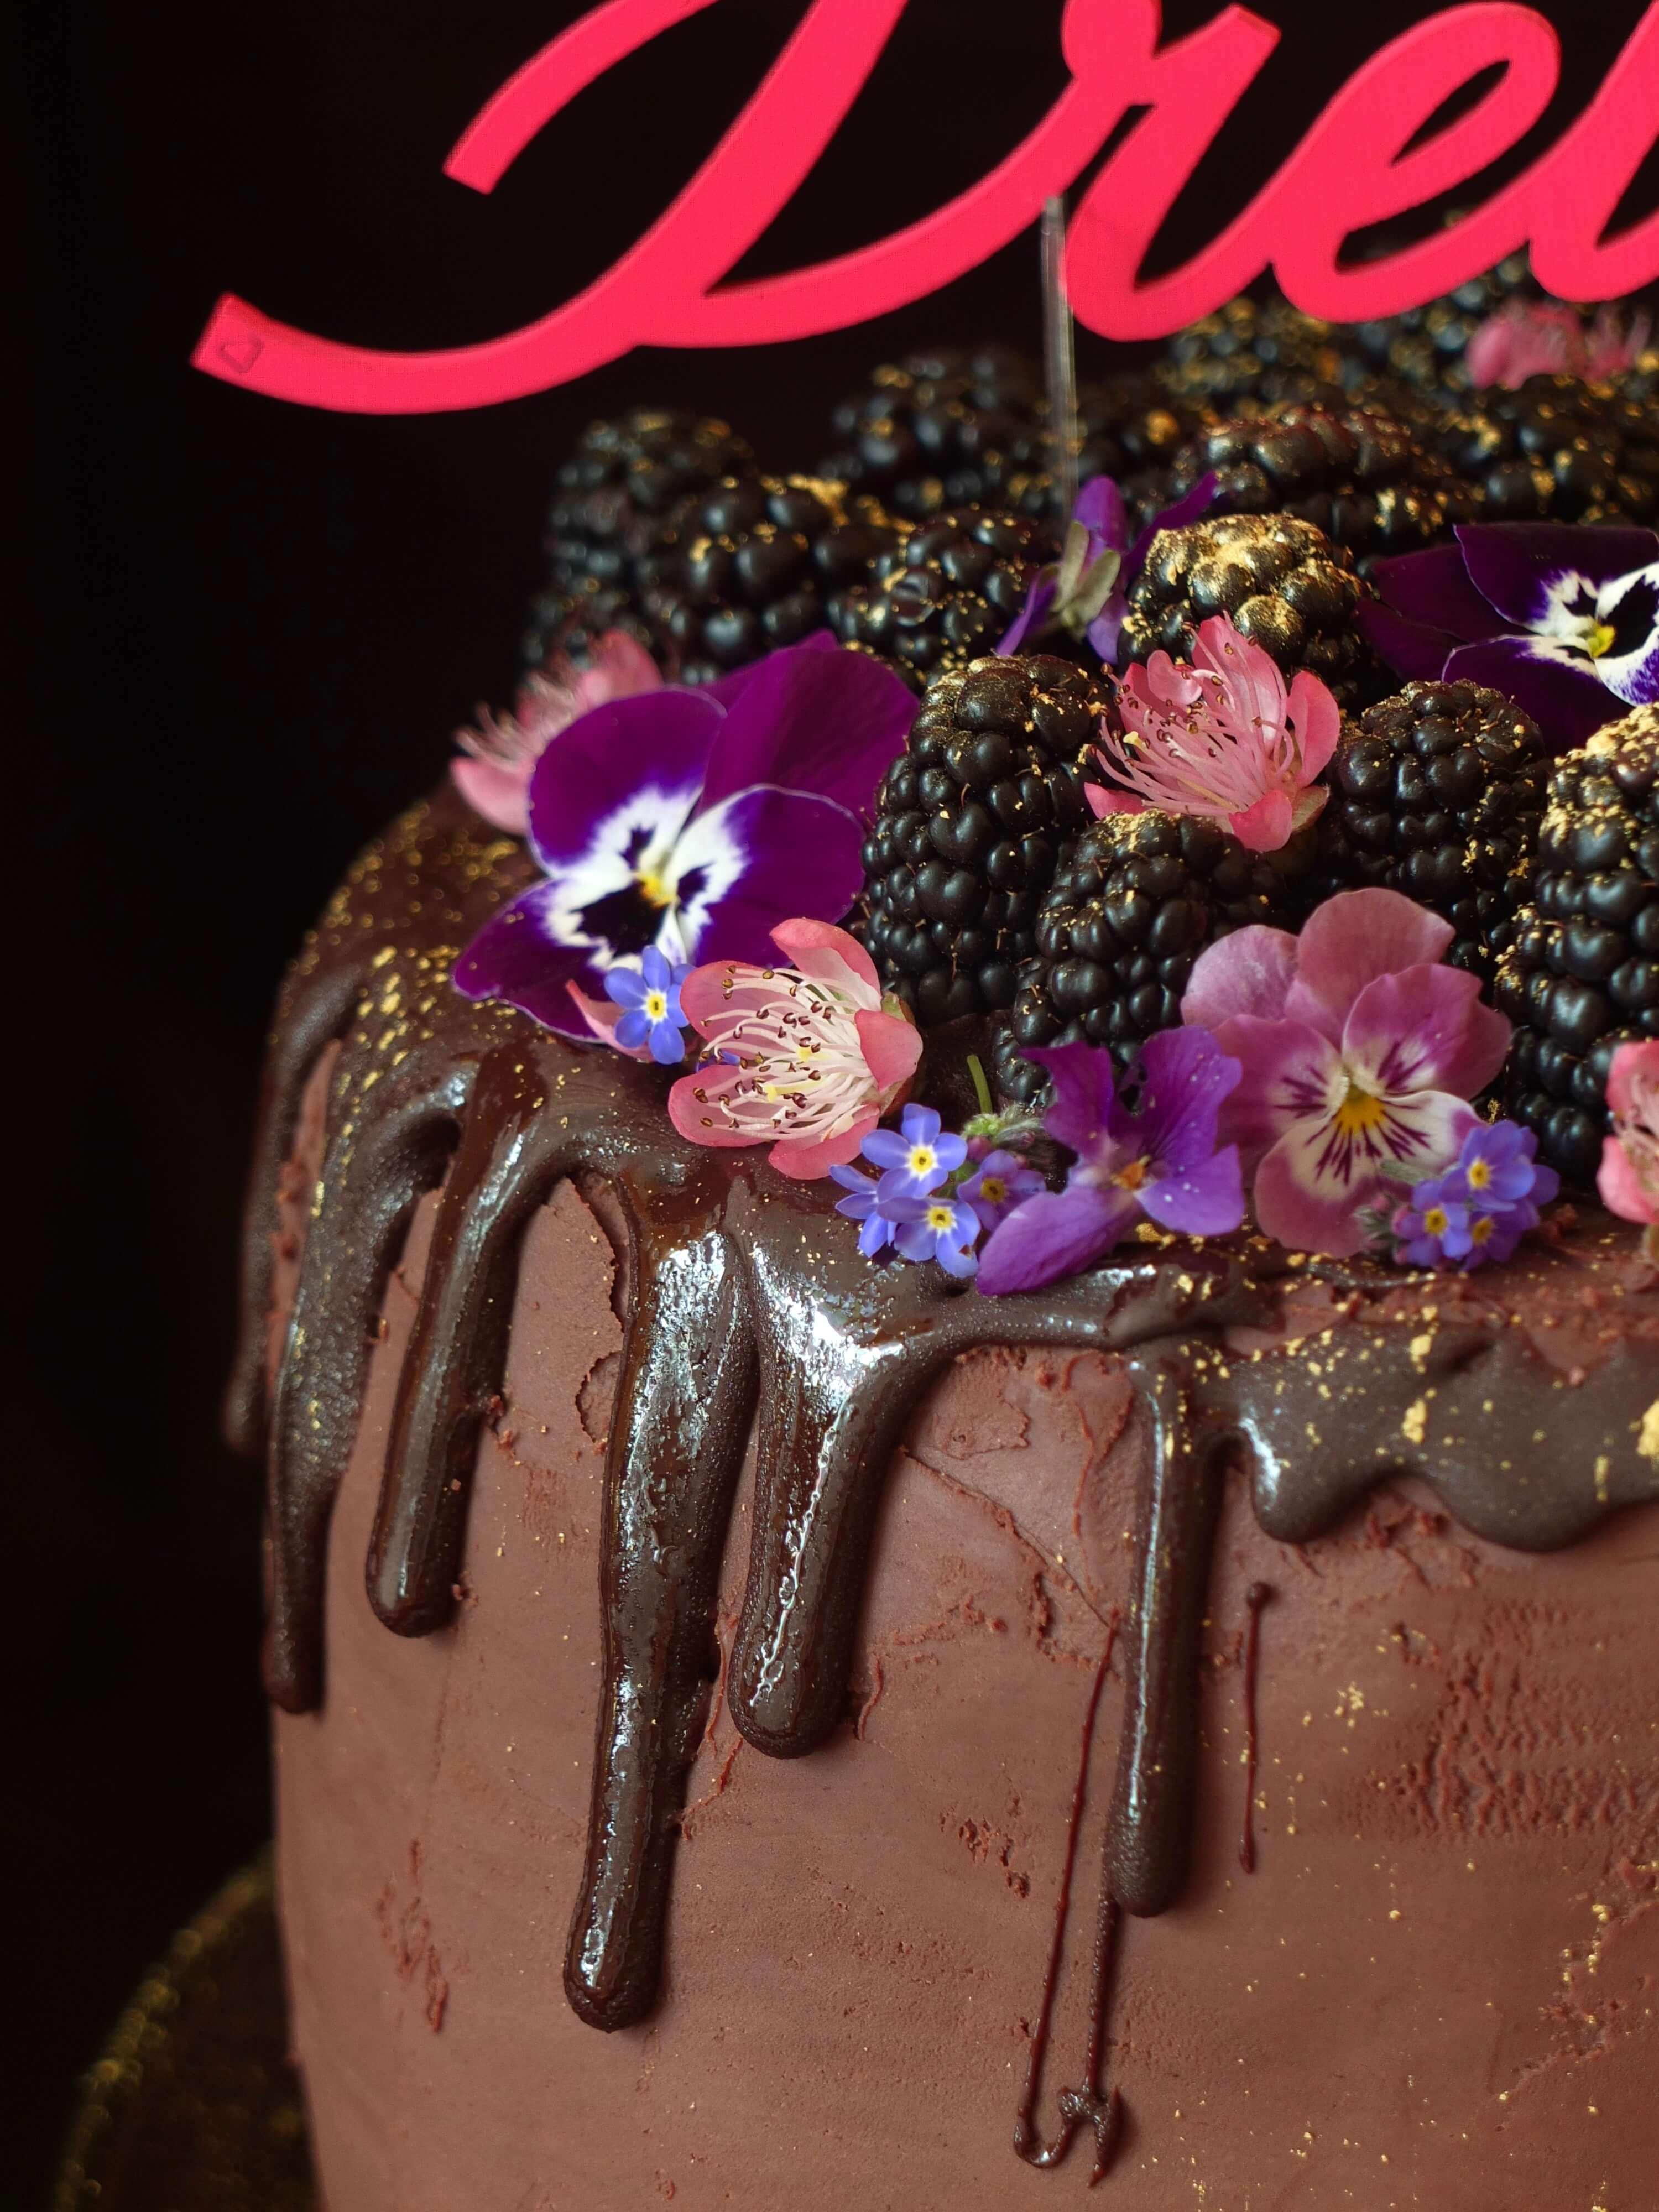 Brombeer-Schoko-Torte_Geburtstags Gewinnspiel_La Crema Patisserie Food- und Backblog